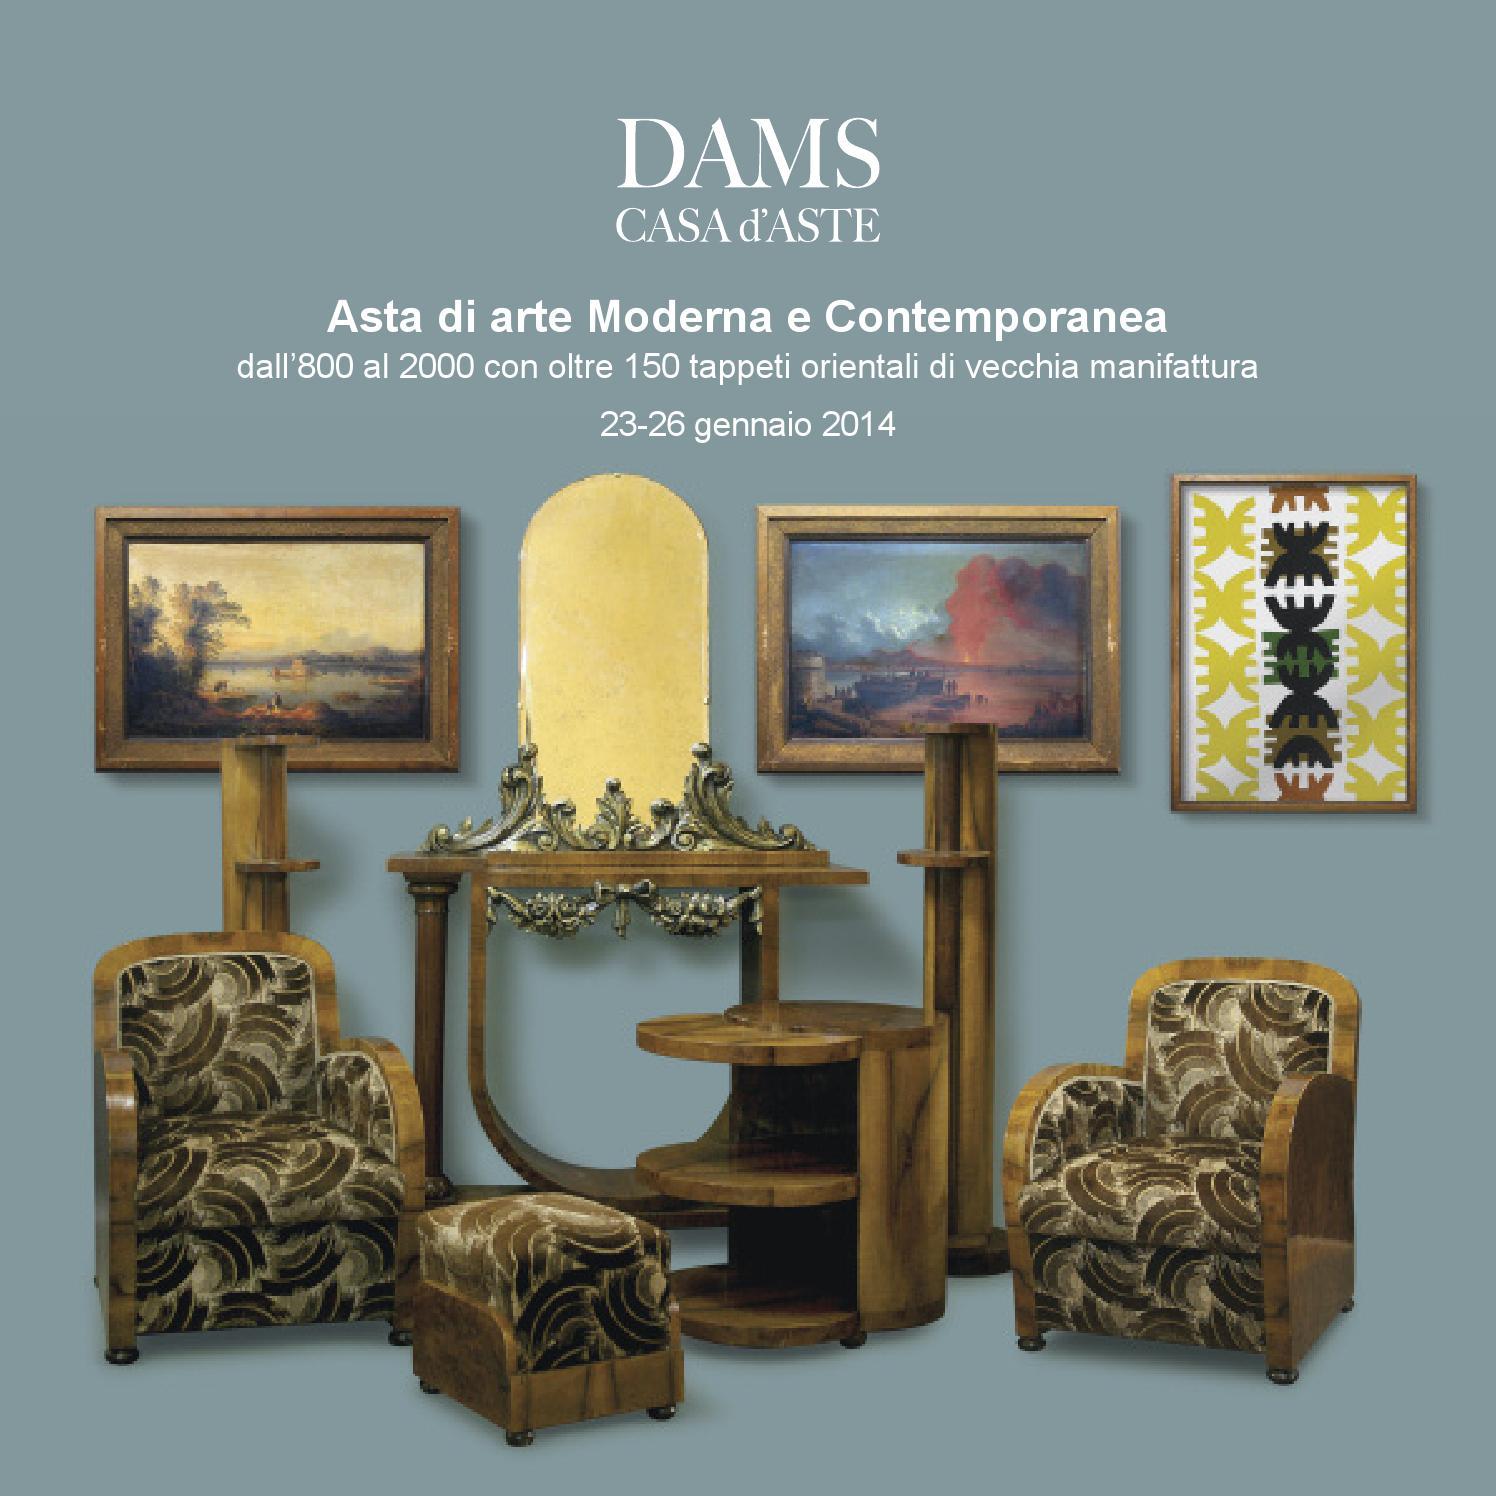 asta di arte moderna e contemporanea 23-26 gennaio 2014dams casa